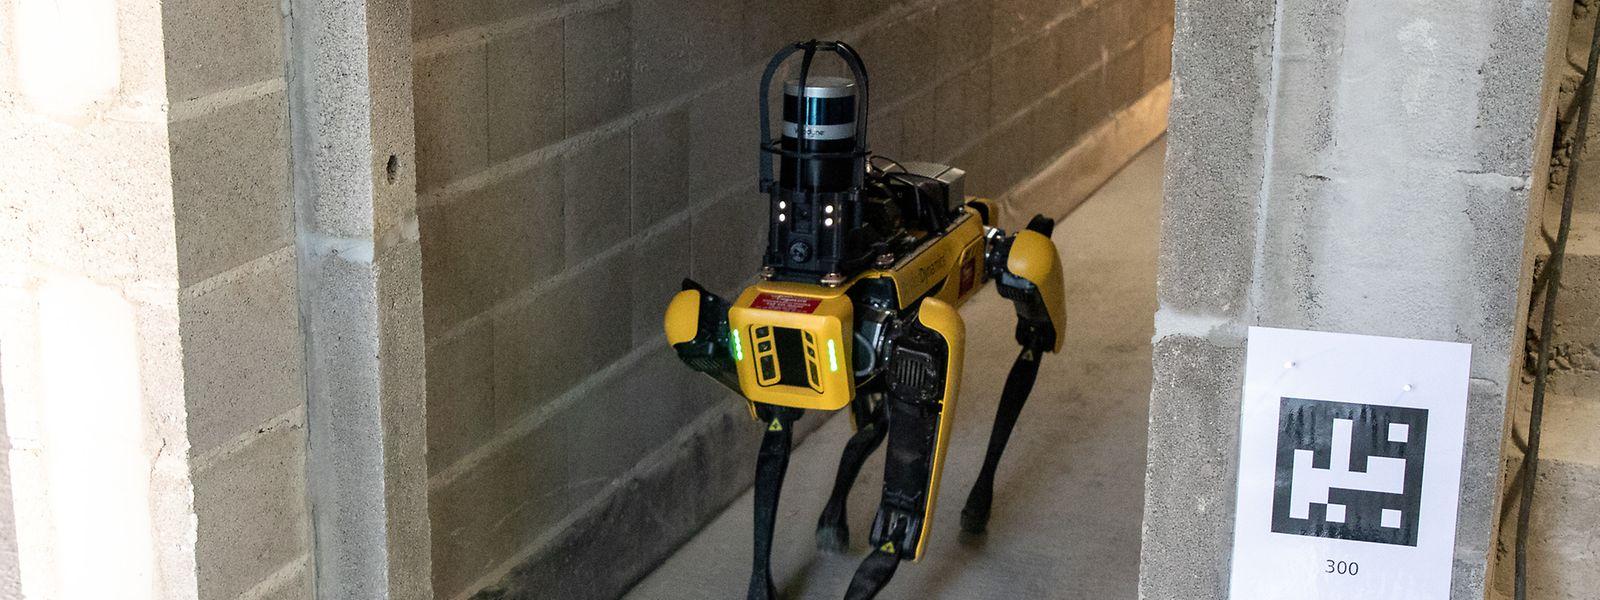 Der Roboter Spot kann selbstständig Hindernissen ausweichen.